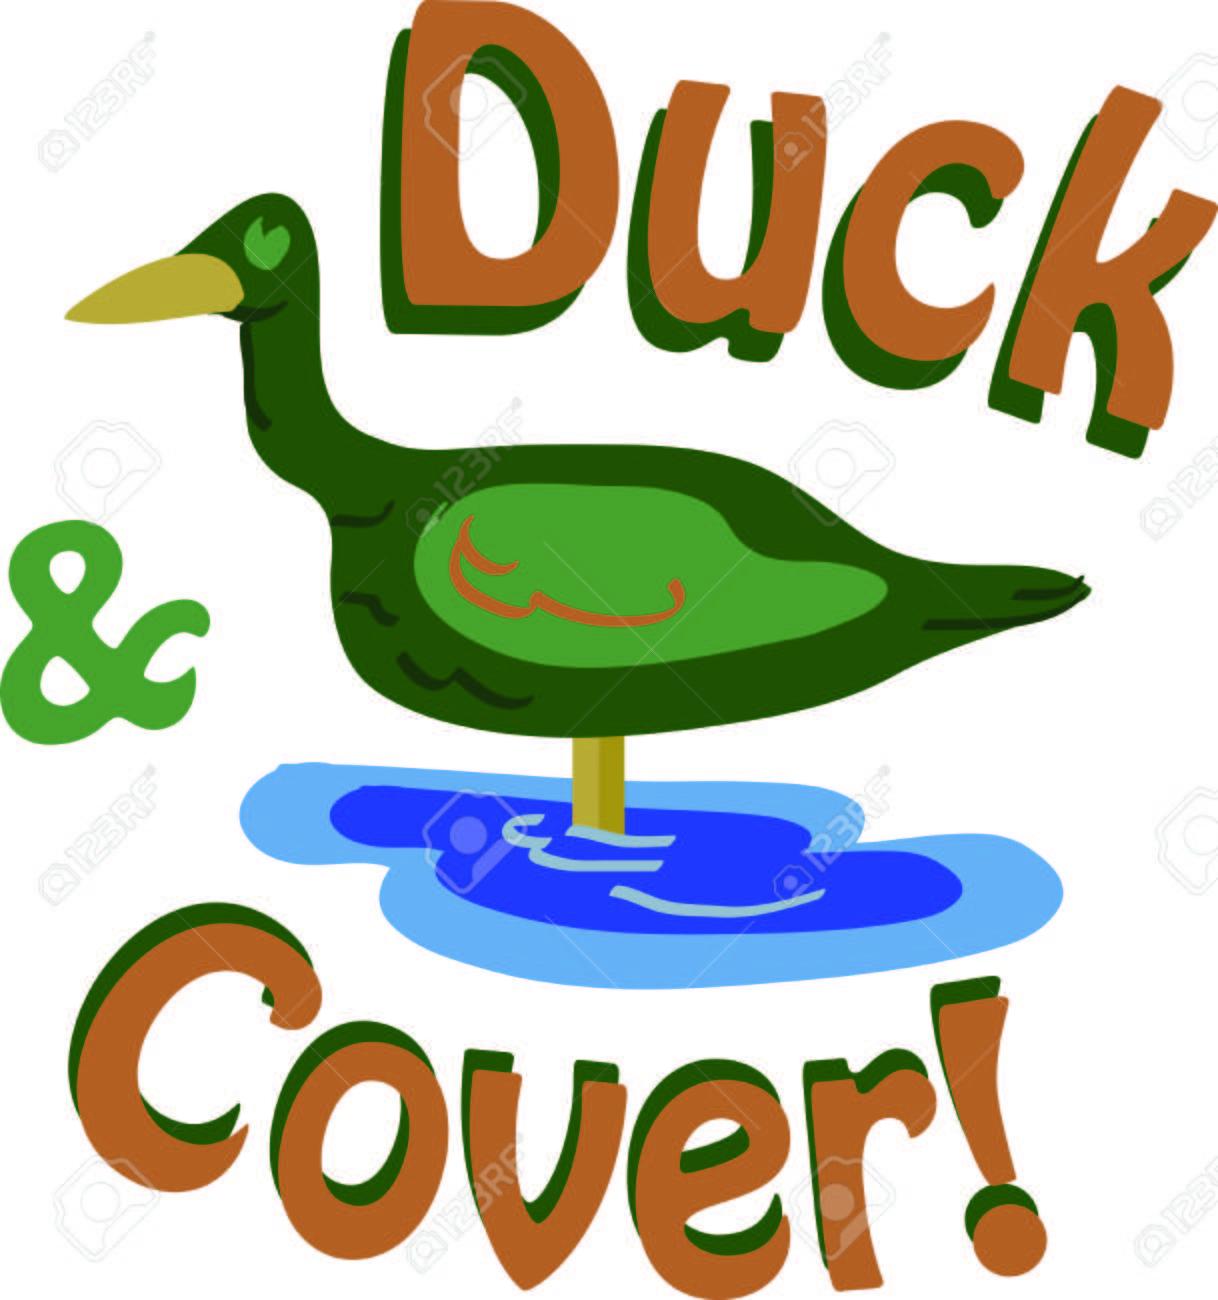 01b27aba2e2f Diese Ente wird auf einem Hemd für einen Jäger oder Naturbursche großartig  aussehen. Standard-